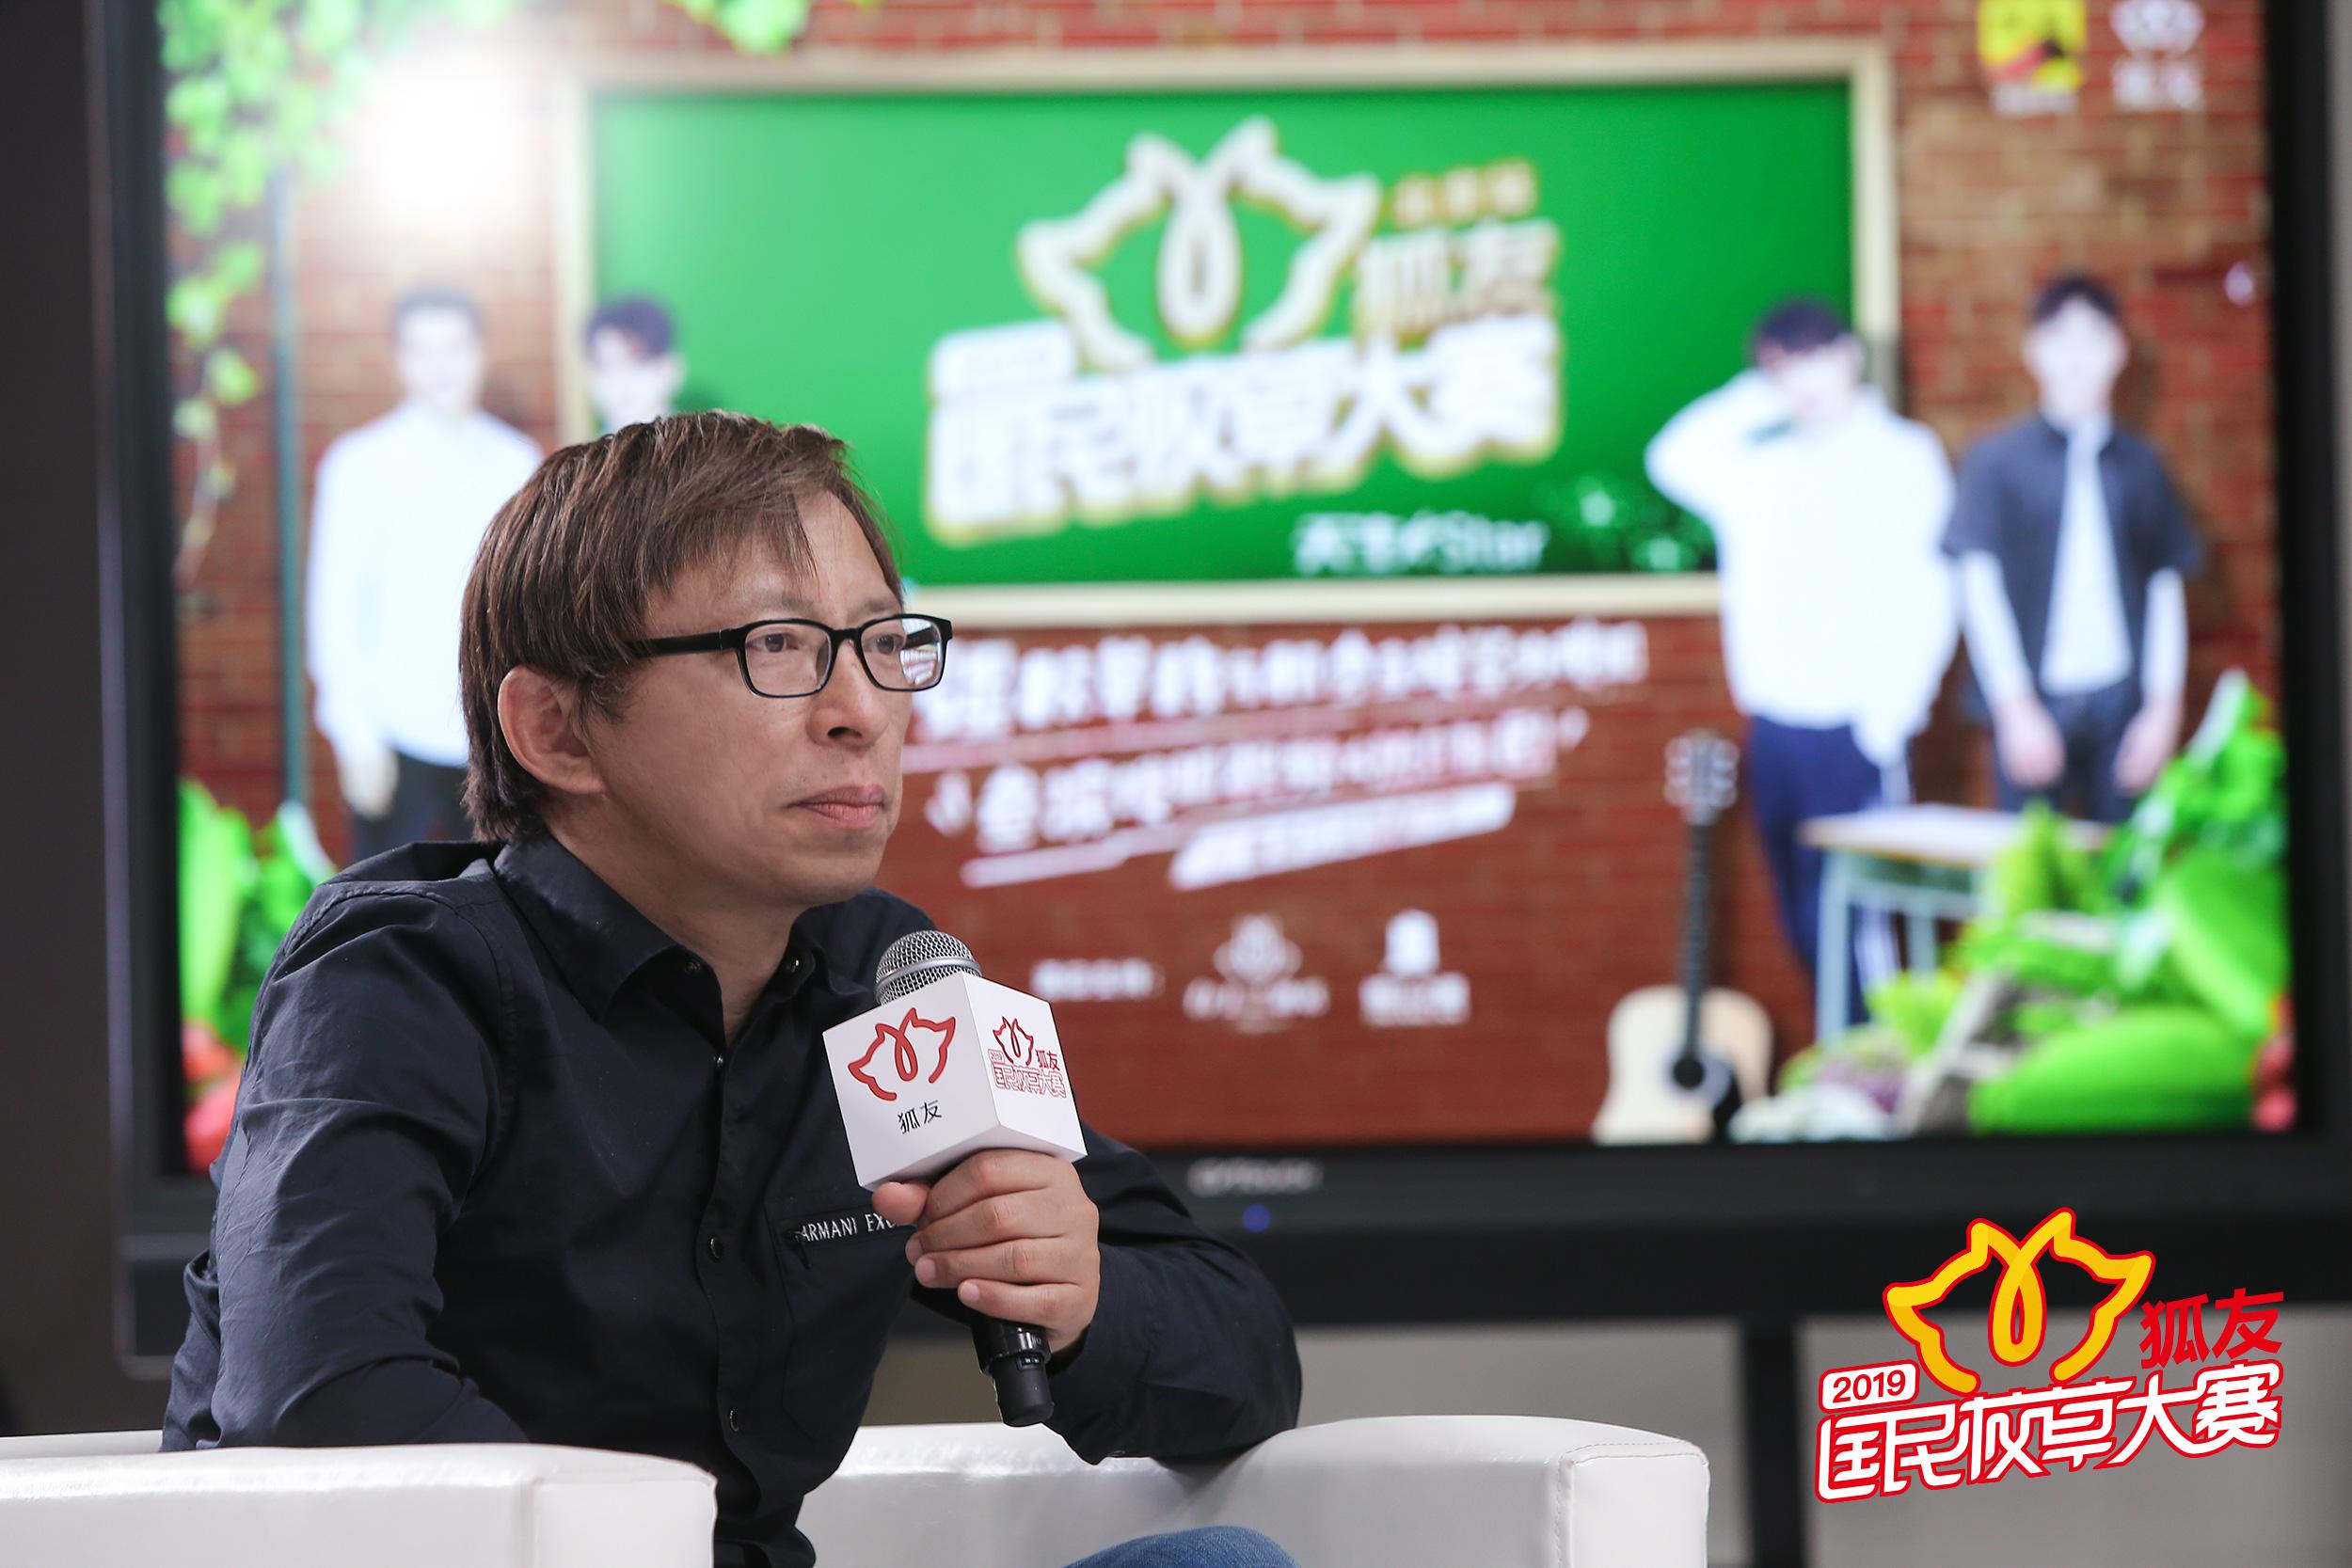 2018年第一届狐友国民校草大赛的获胜者宋一雄,张冠森,孙熹之,罗嘉孟